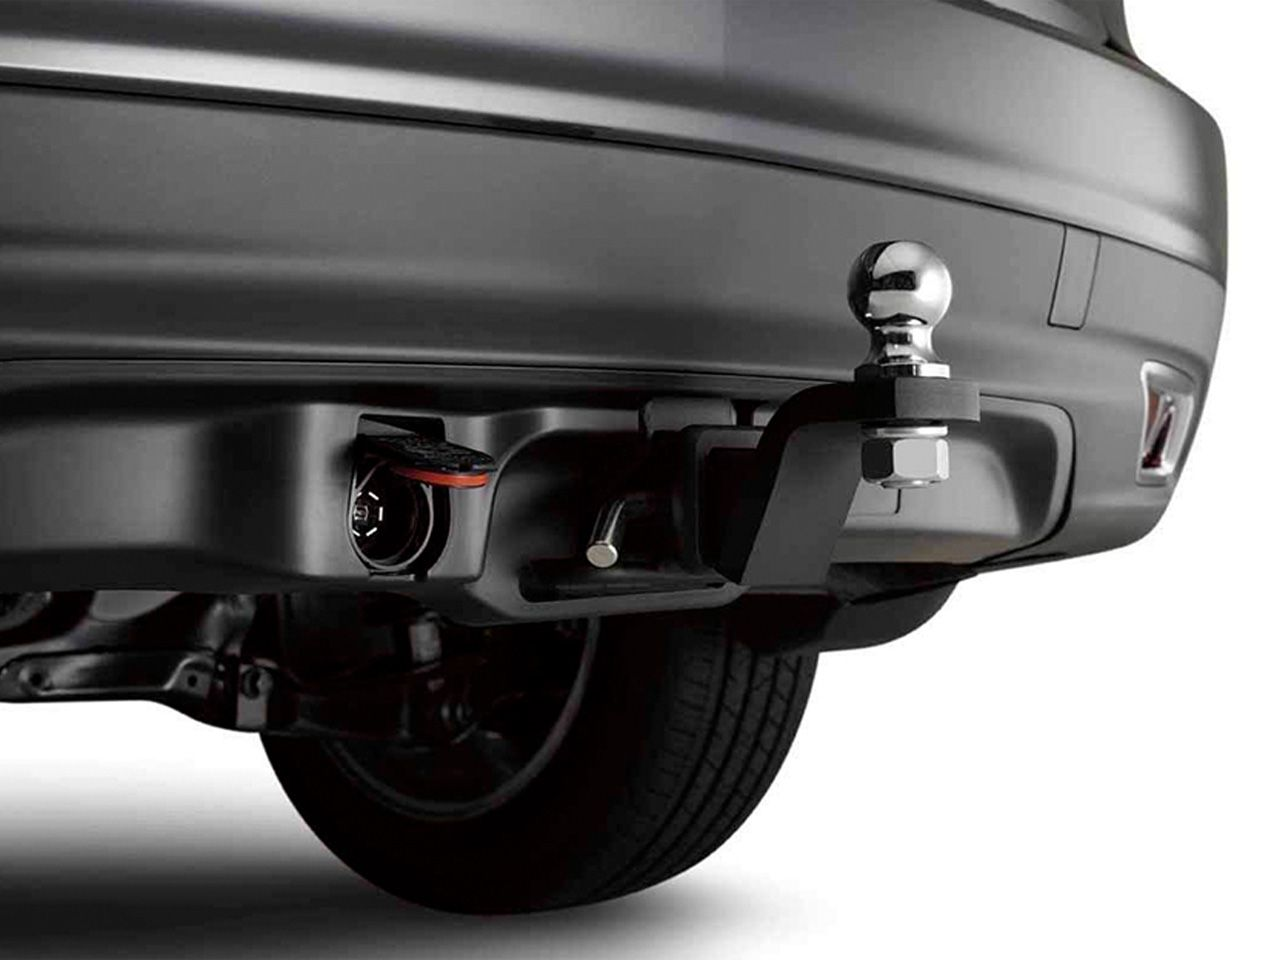 Engate Yaris Sedã  - Mirai Peças Toyota